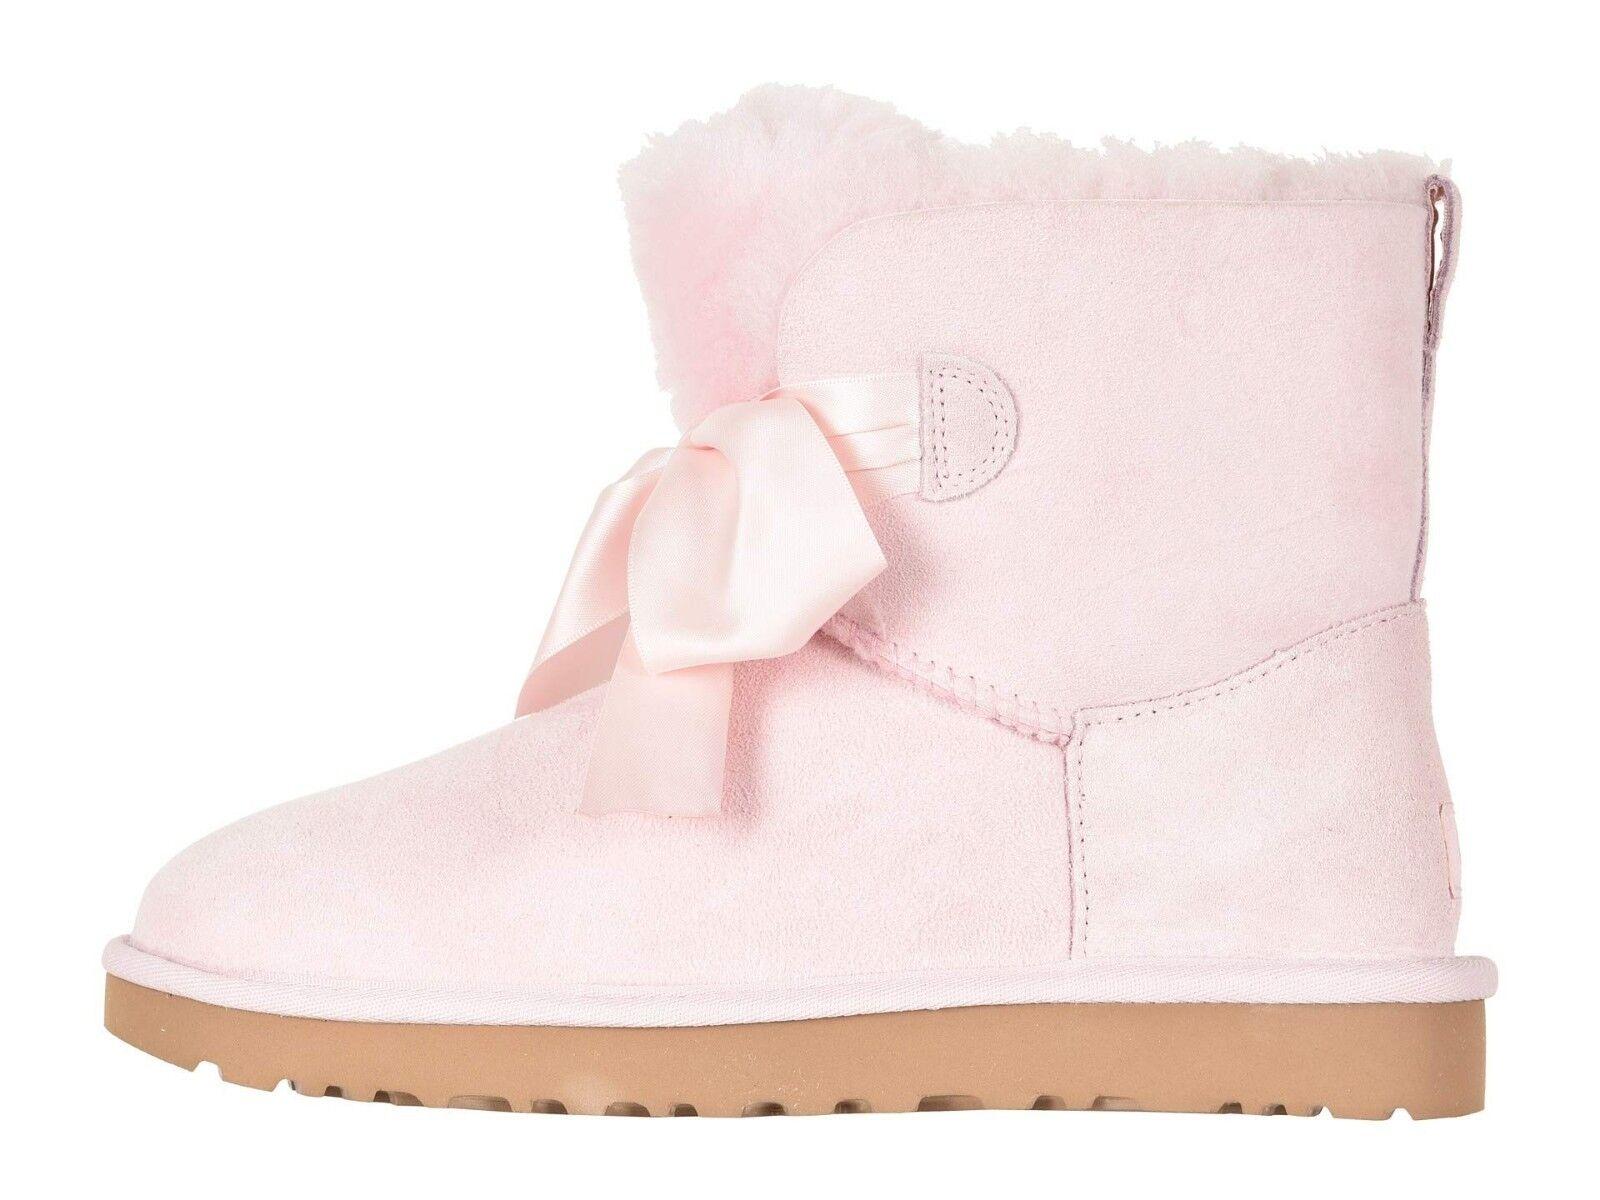 Bottes de bottes Gita Bow en peau de mouton authentiques de marque UGG authentique pour femmes